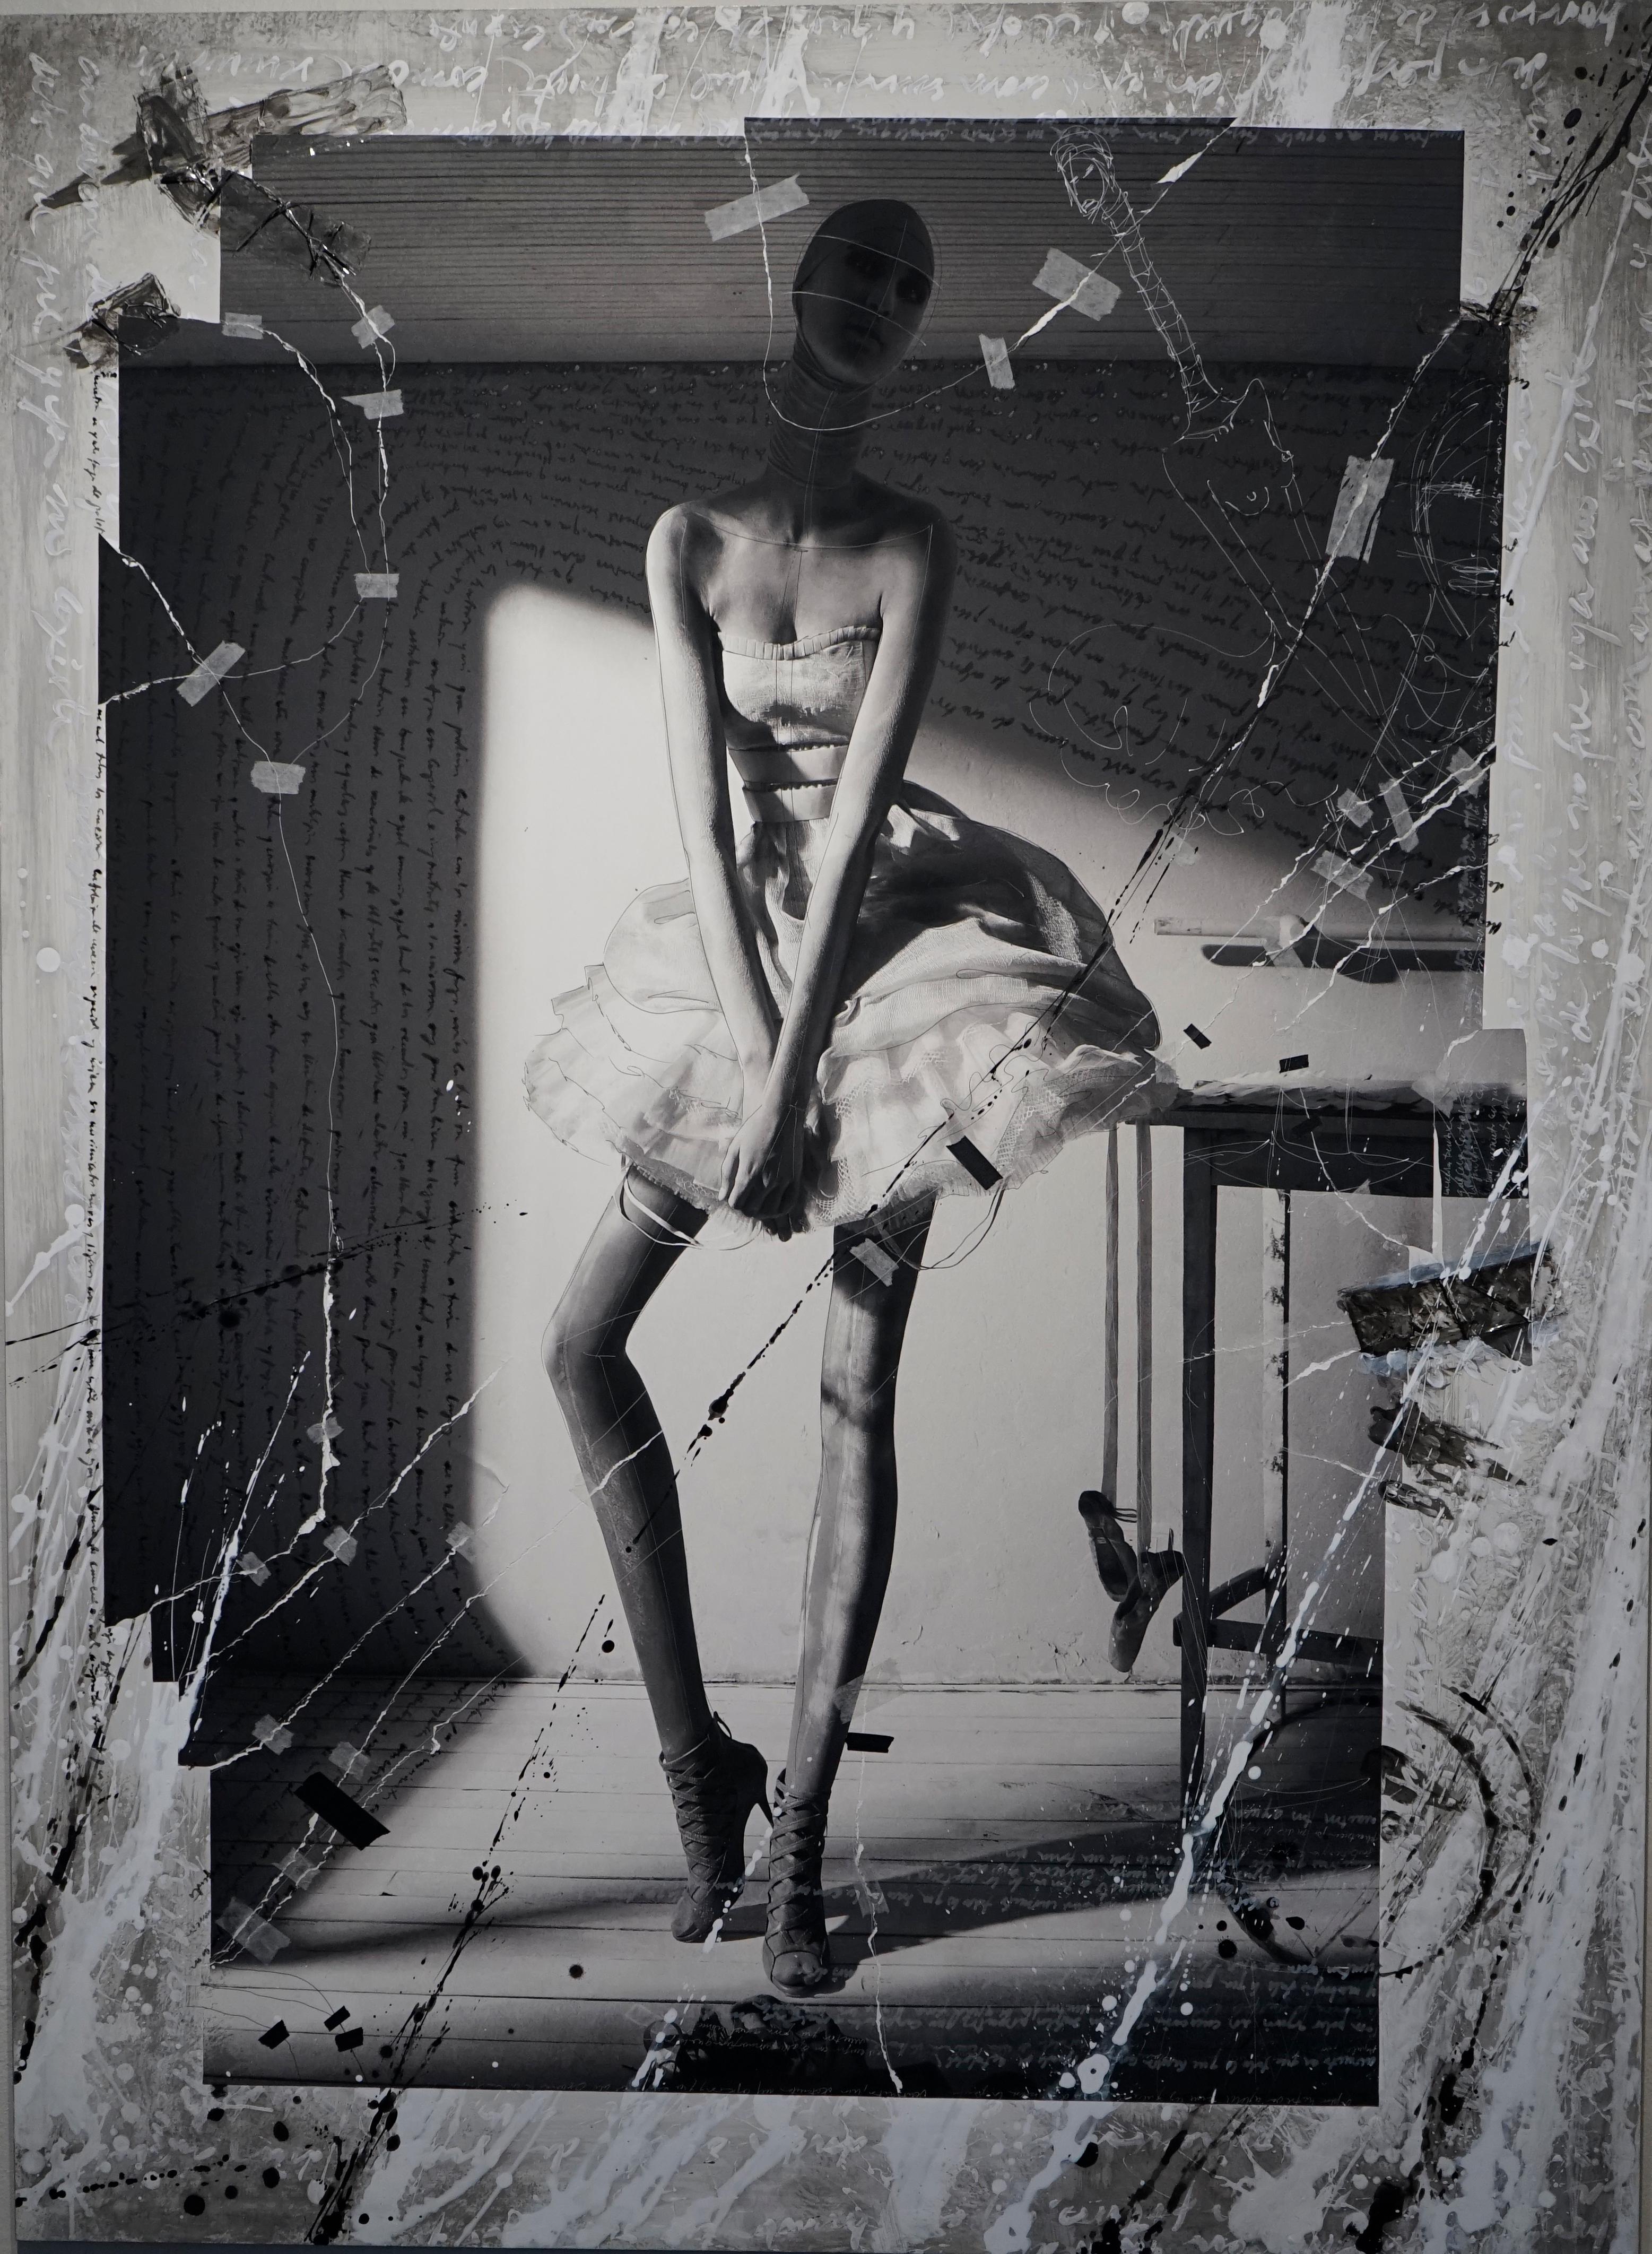 Standing Ballet, 2010